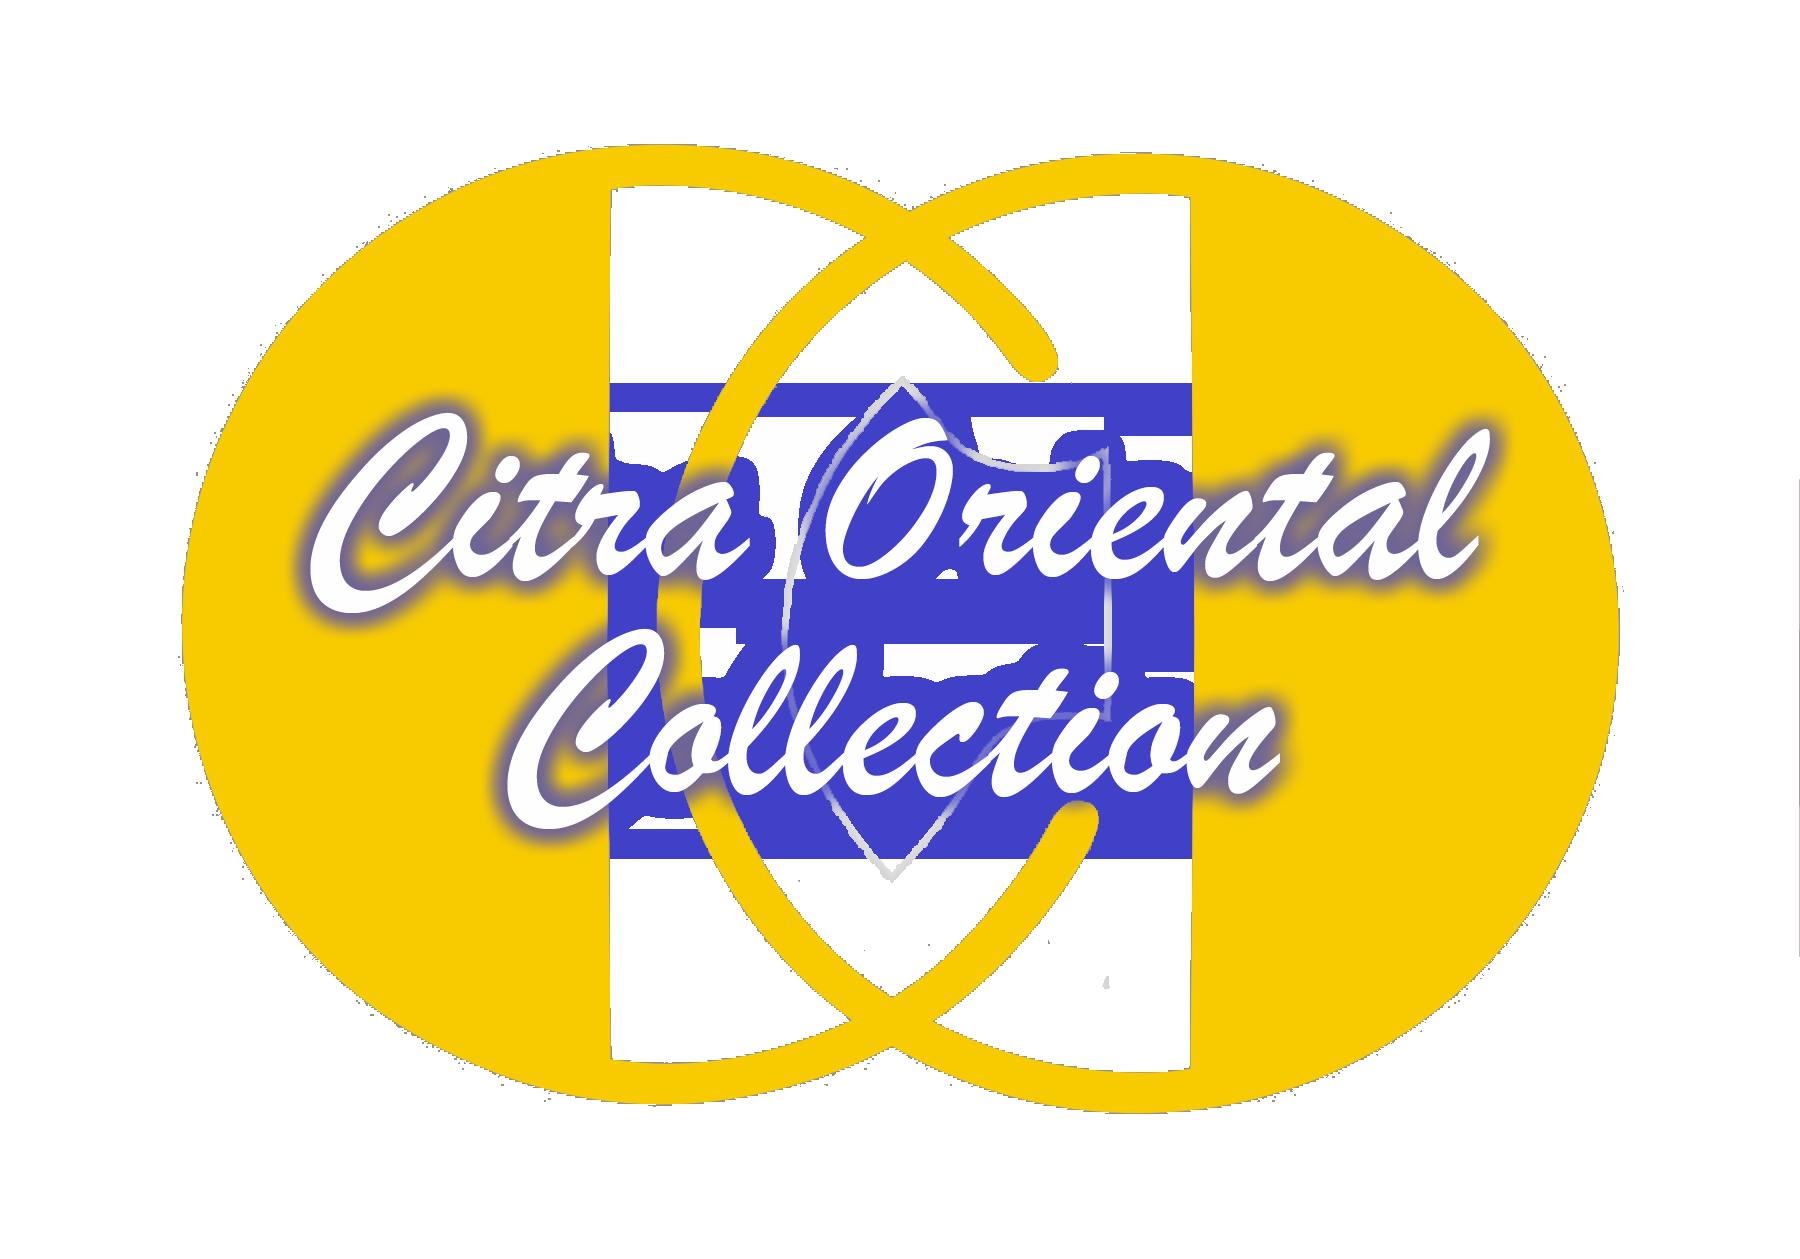 Co collection logo